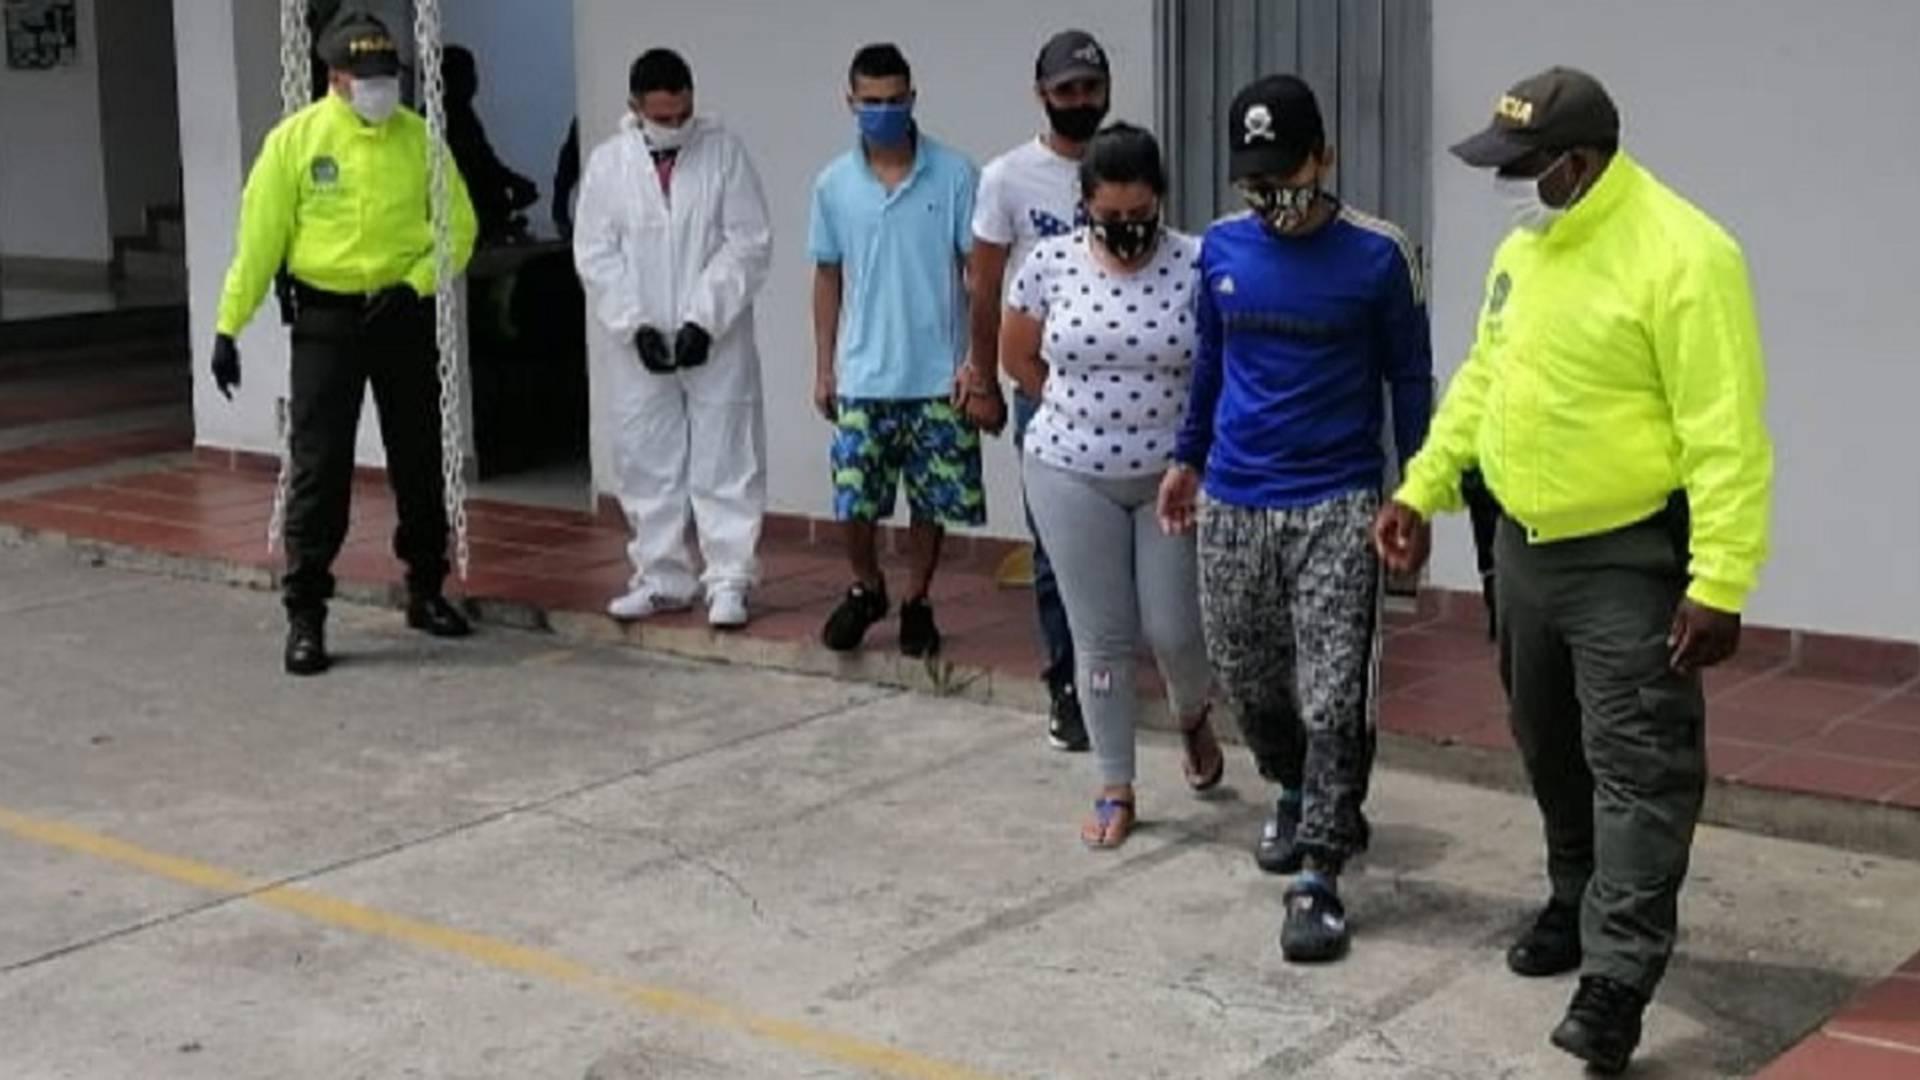 Judicializados 8 presuntos integrantes de  'Los Blindados'